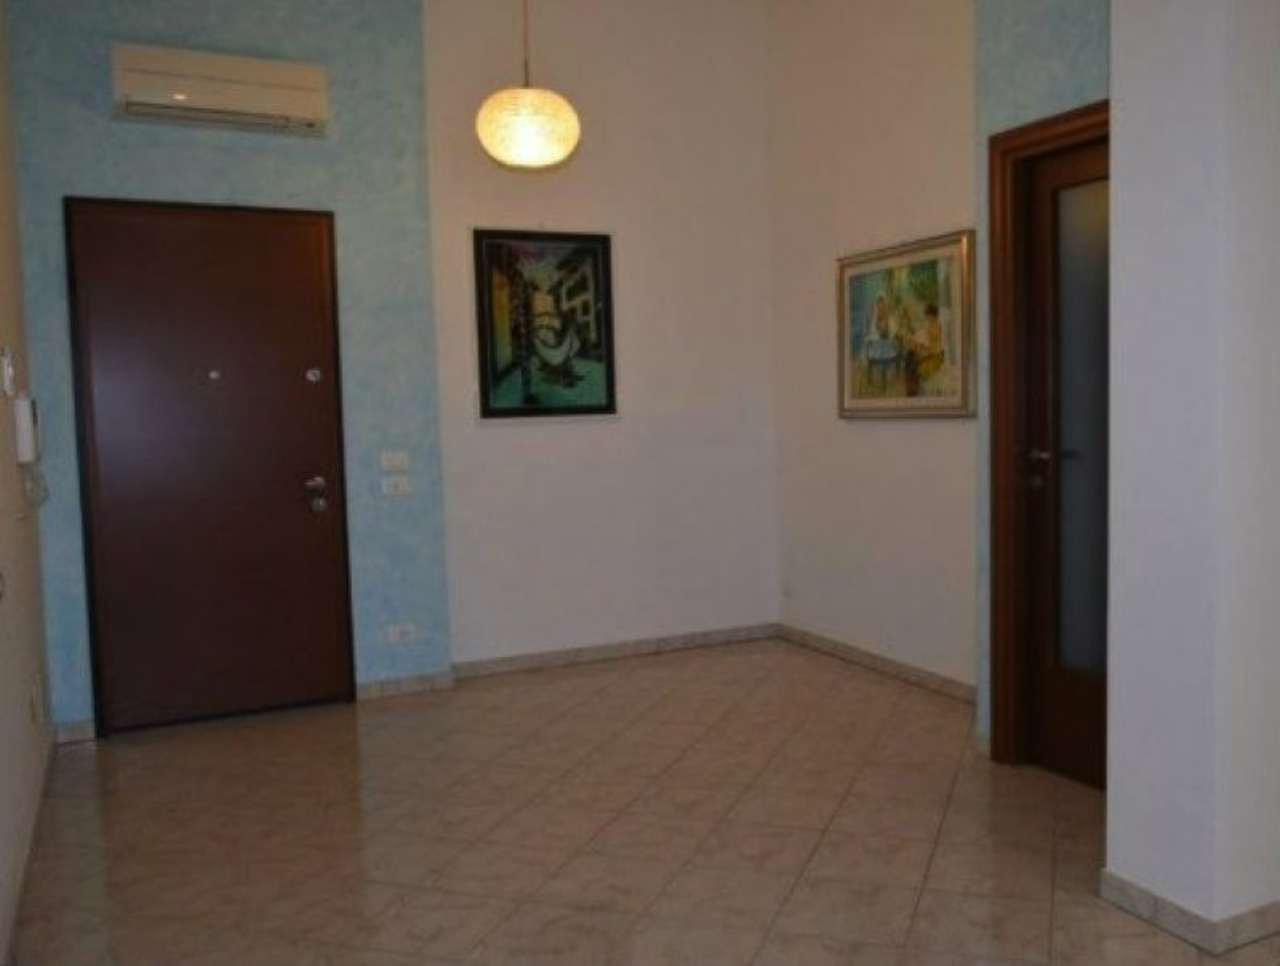 Attico / Mansarda in vendita a Tortoreto, 3 locali, prezzo € 140.000 | Cambio Casa.it